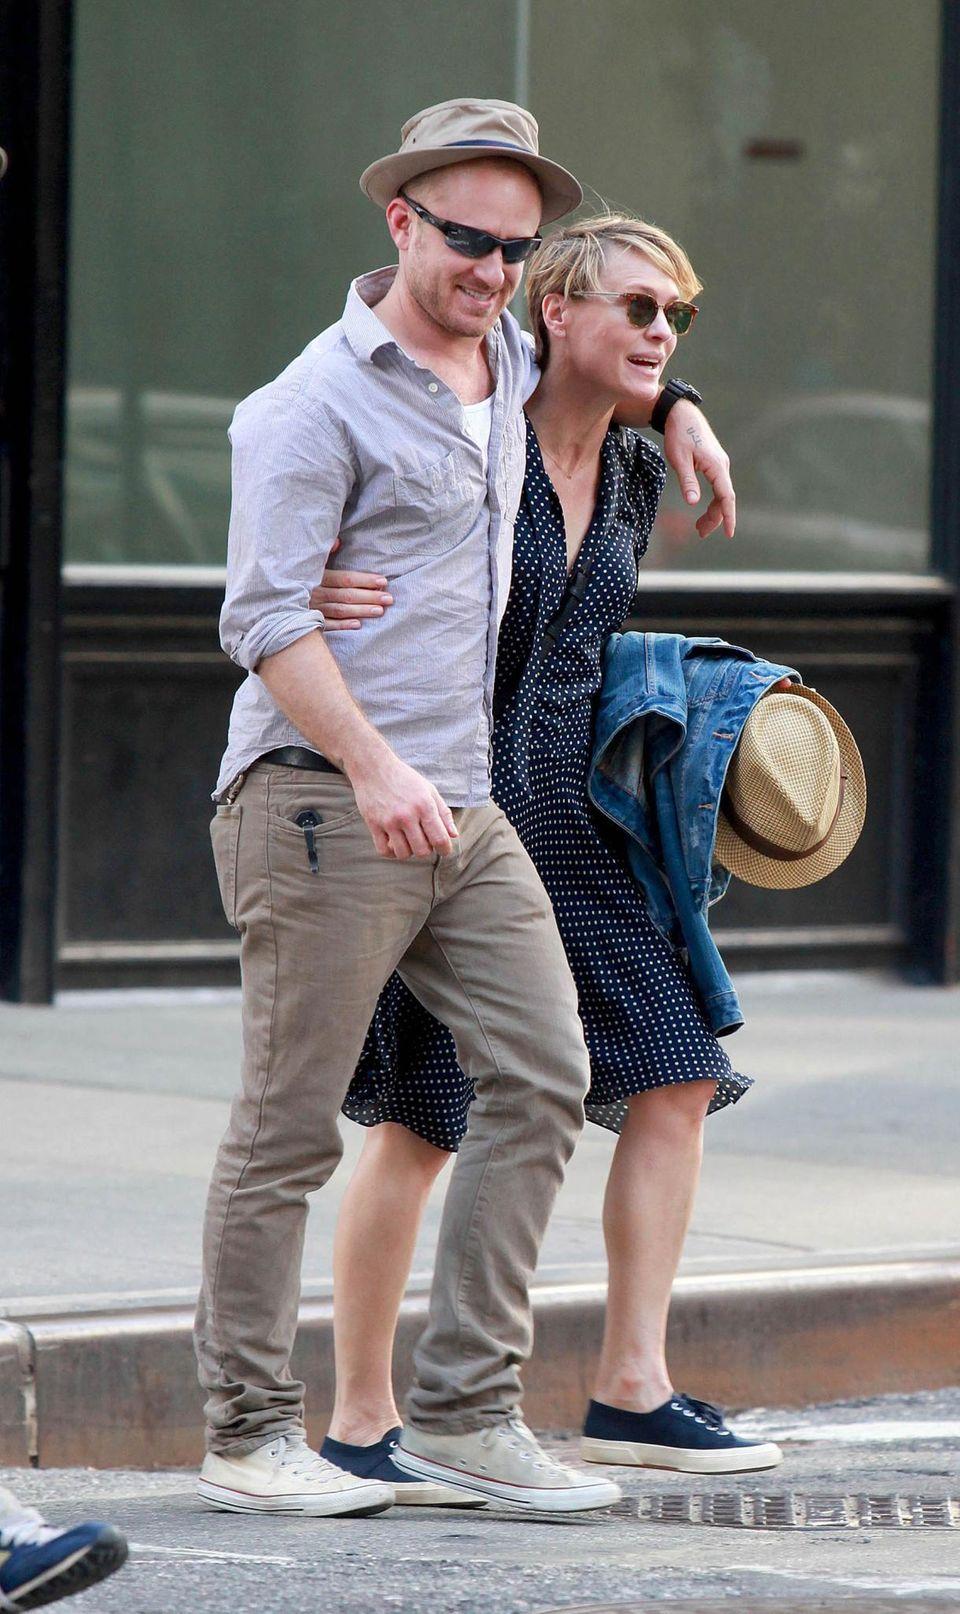 26. Mai 2014: Robin Wright und Ben Foster verbringen gut gelaunt einen Tag in New York City.